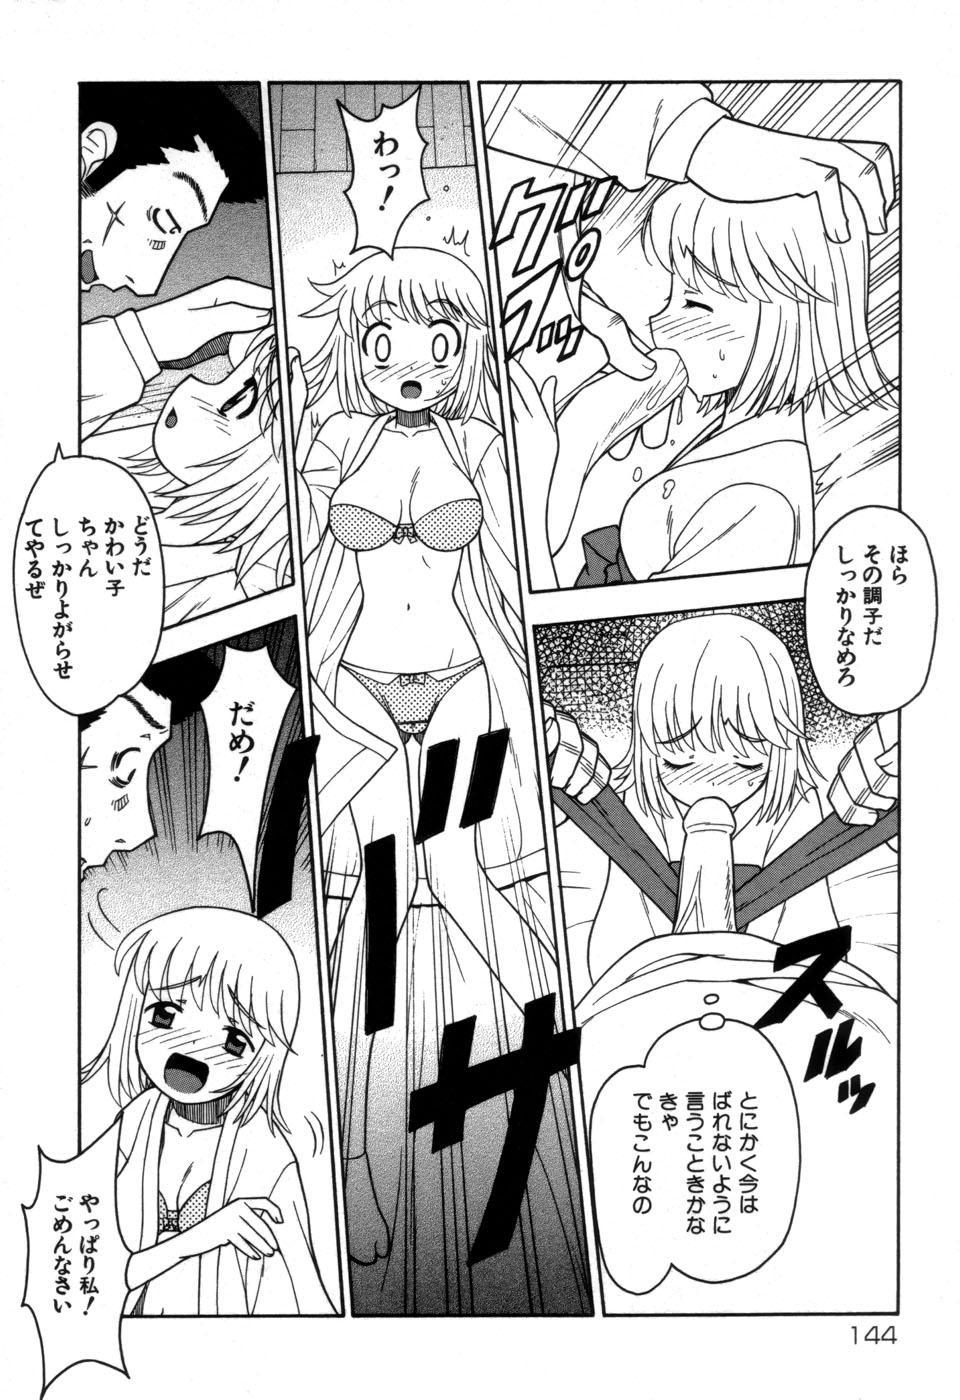 Imouto no Hiasobi 145